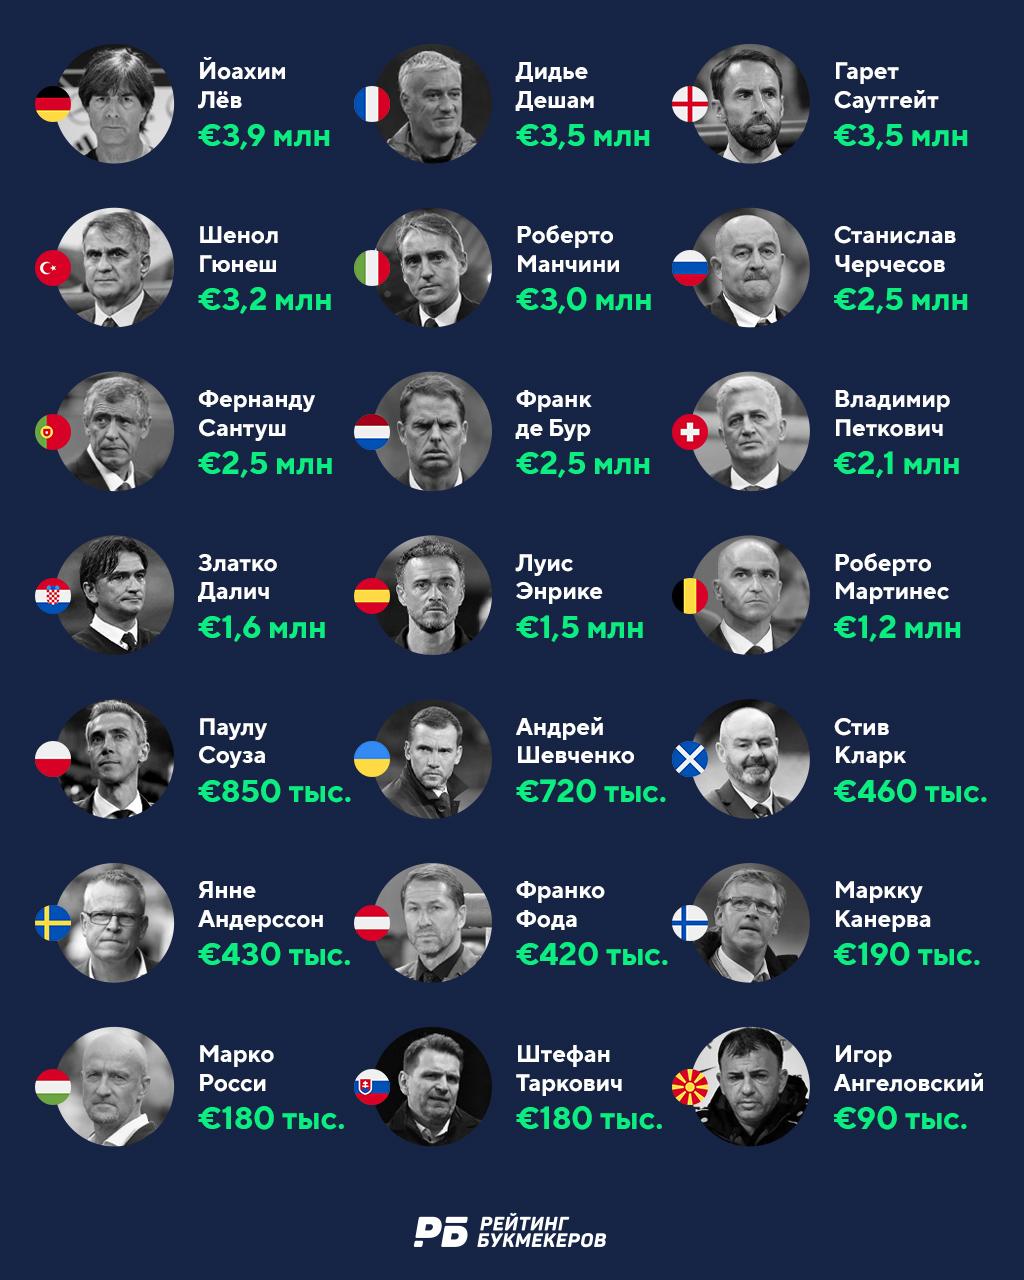 Черчесов – шестой среди тренеров Евро-2020 по уровню зарплат, Шевченко – 14-й. Рейтинг зарплат на евро